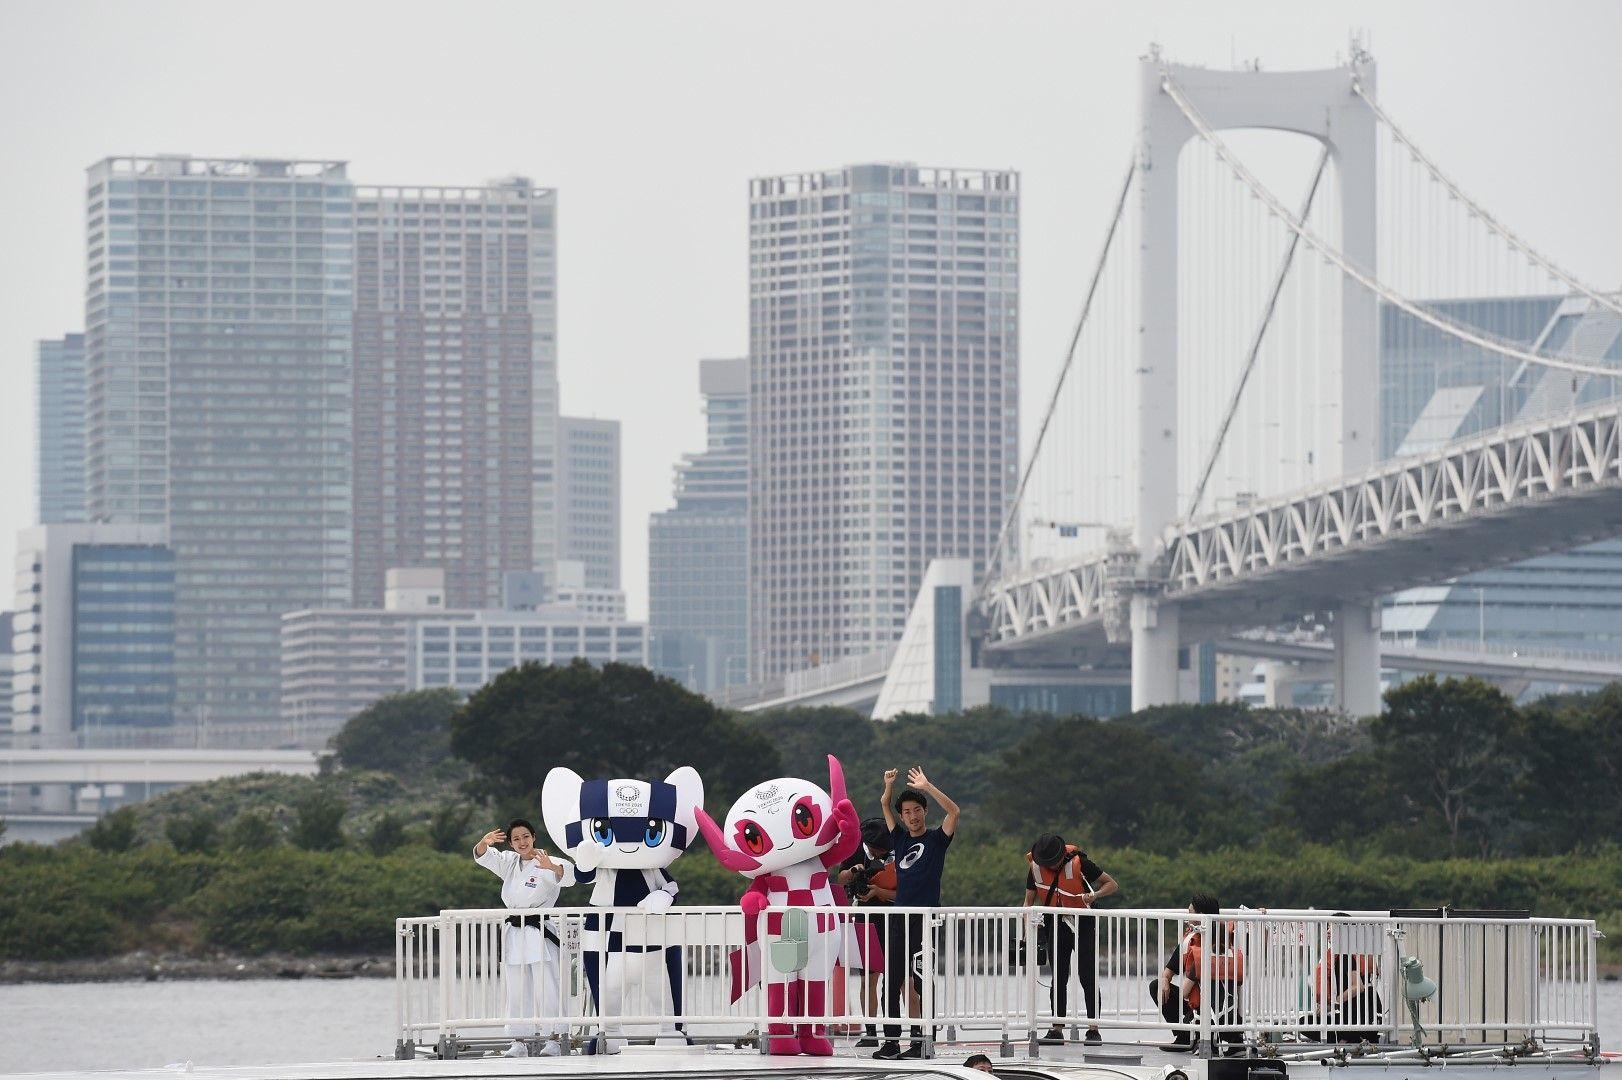 Талисманите на фона на силуета на града.